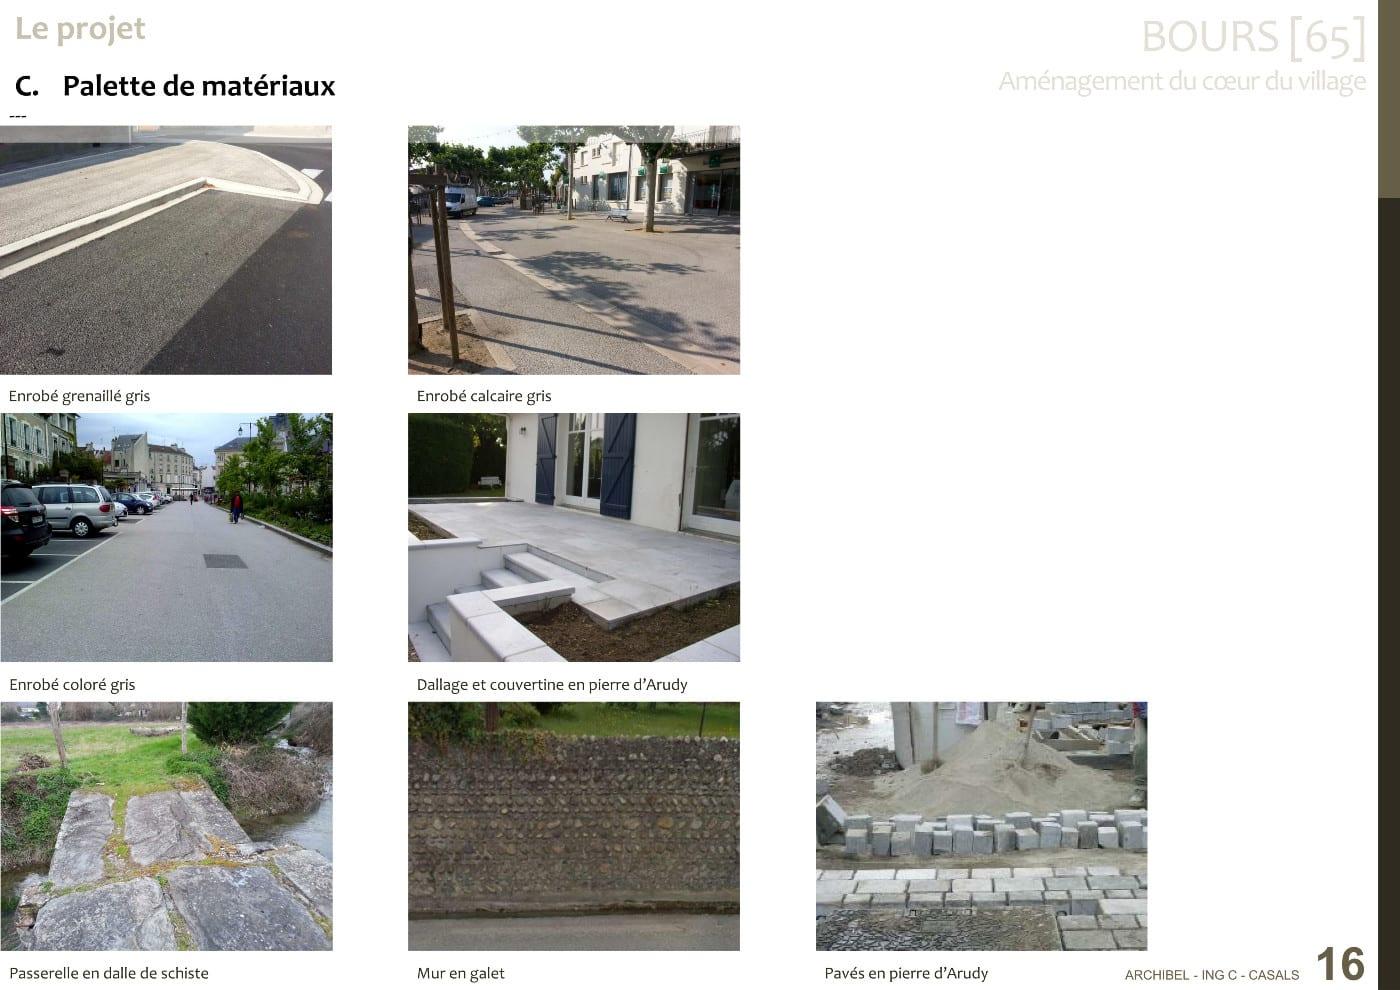 La palette de matériaux proposée